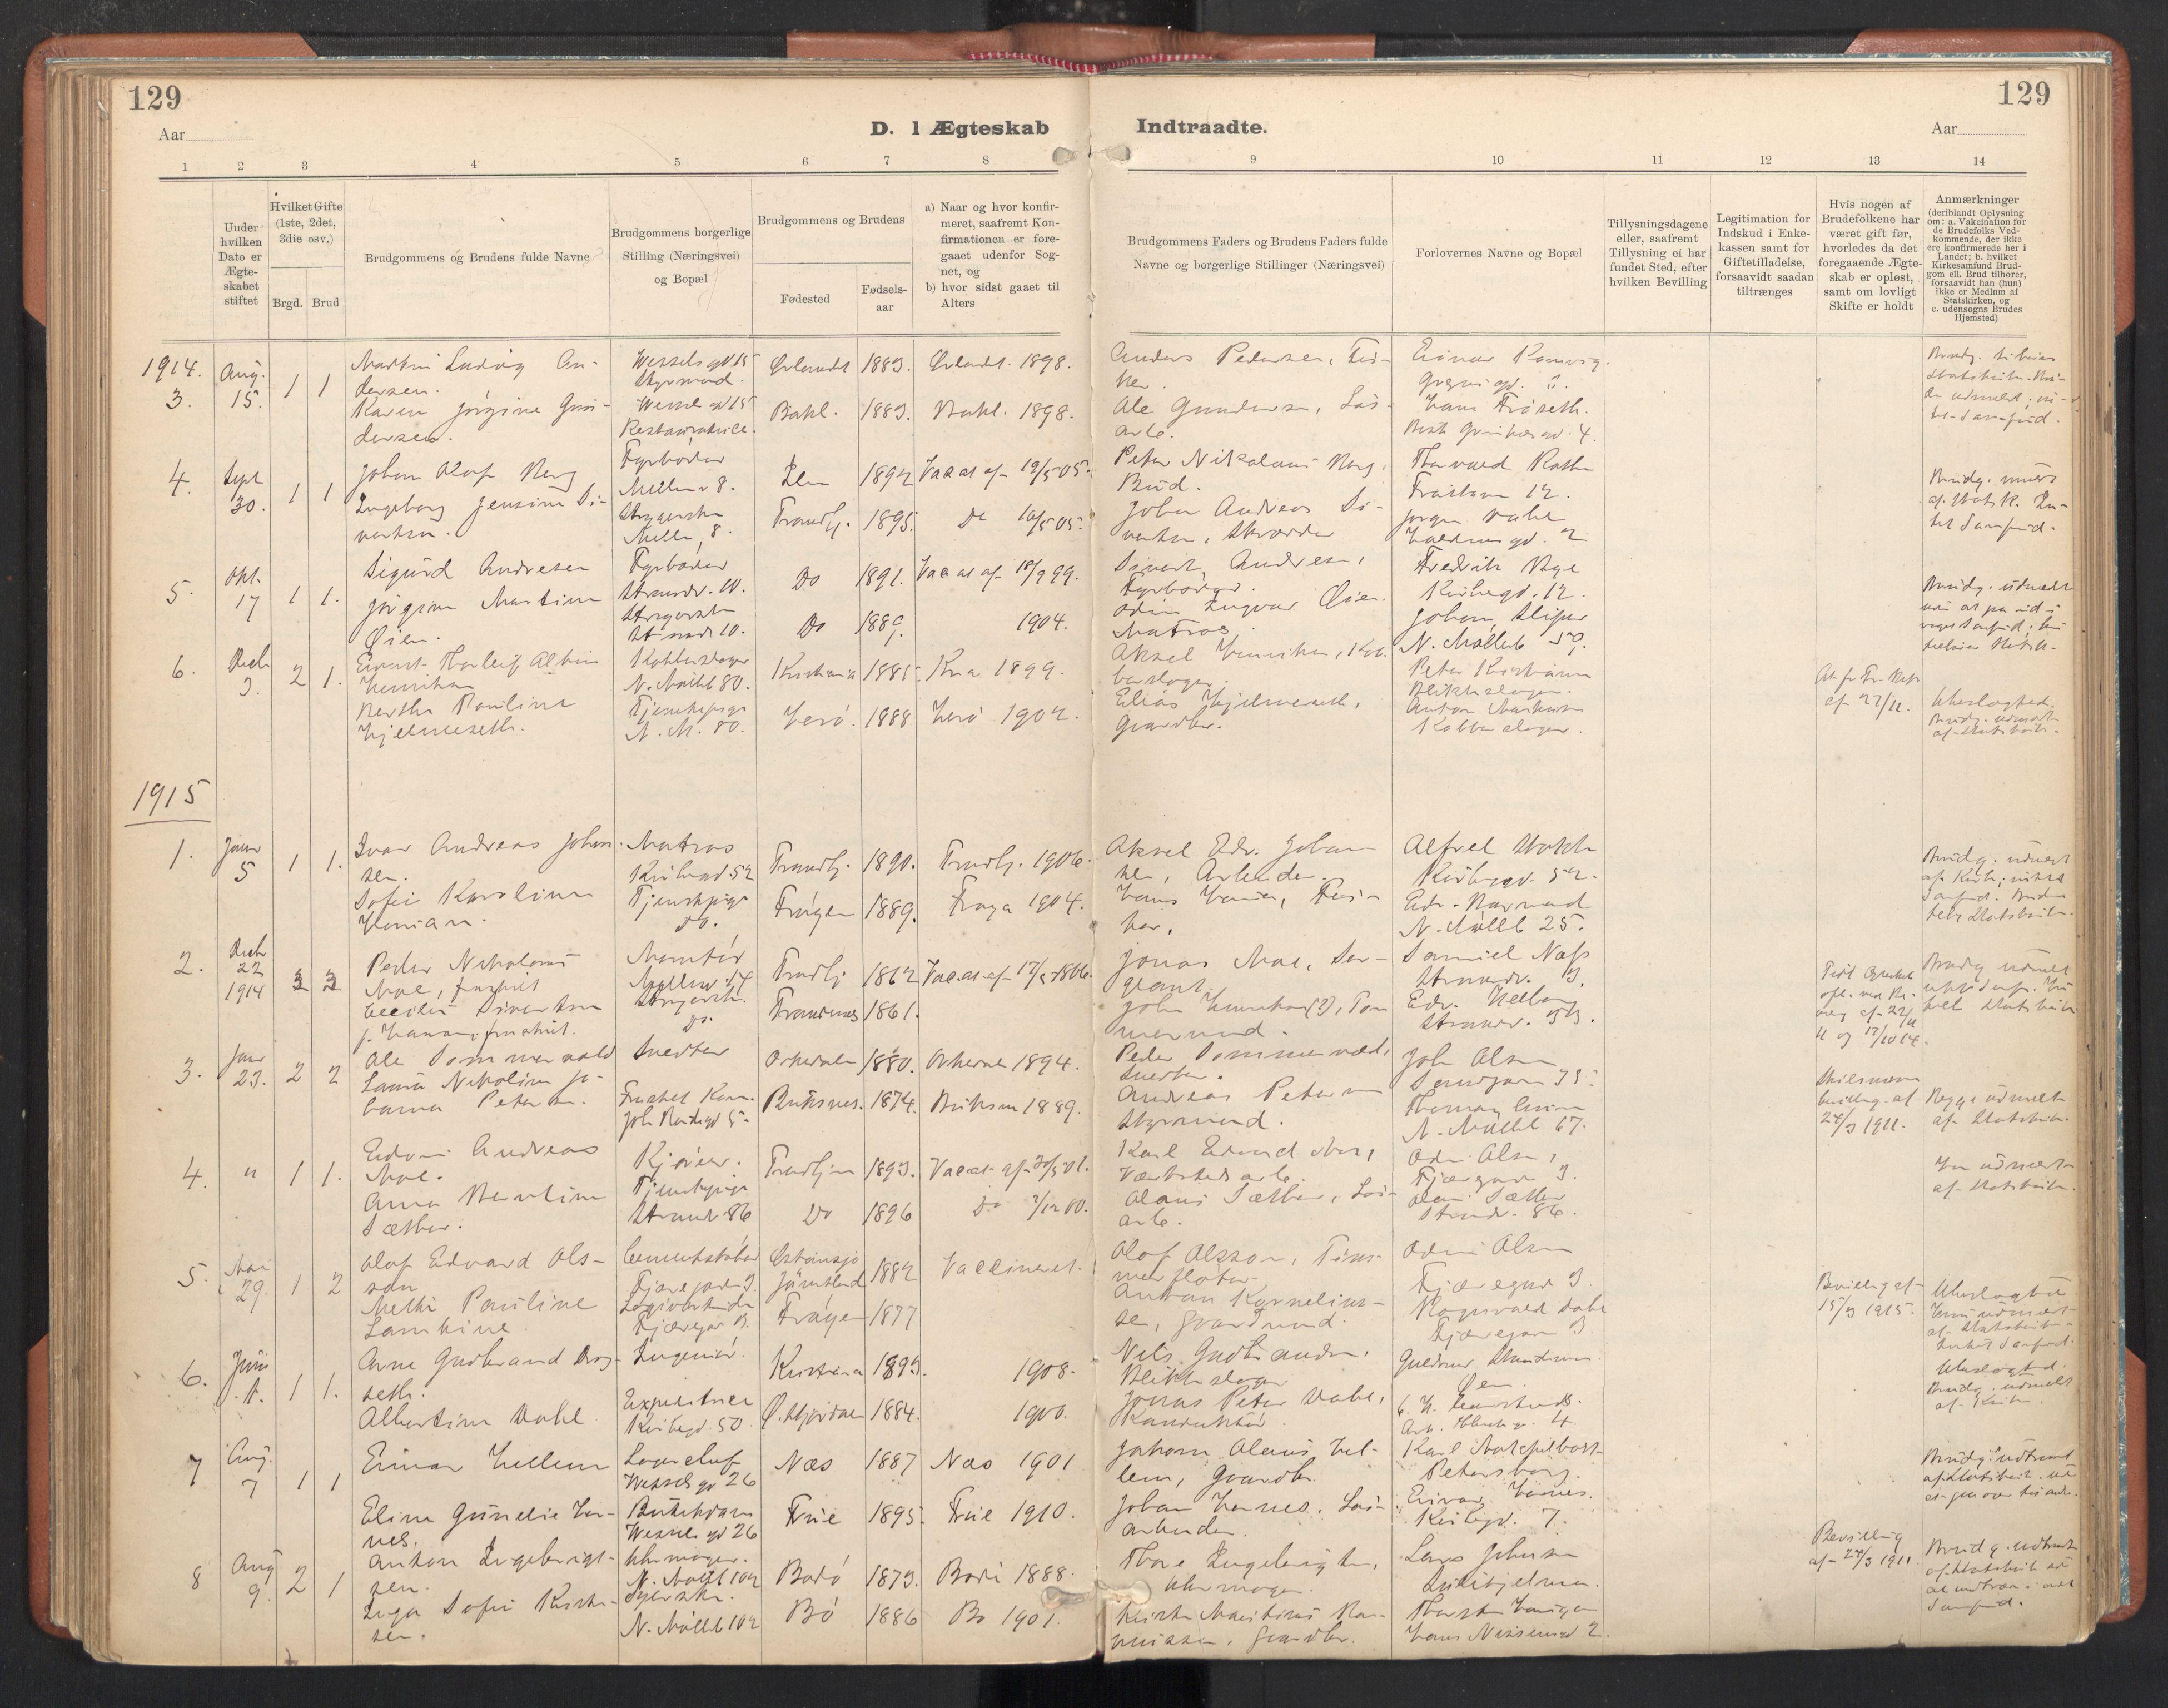 SAT, Ministerialprotokoller, klokkerbøker og fødselsregistre - Sør-Trøndelag, 605/L0244: Ministerialbok nr. 605A06, 1908-1954, s. 129